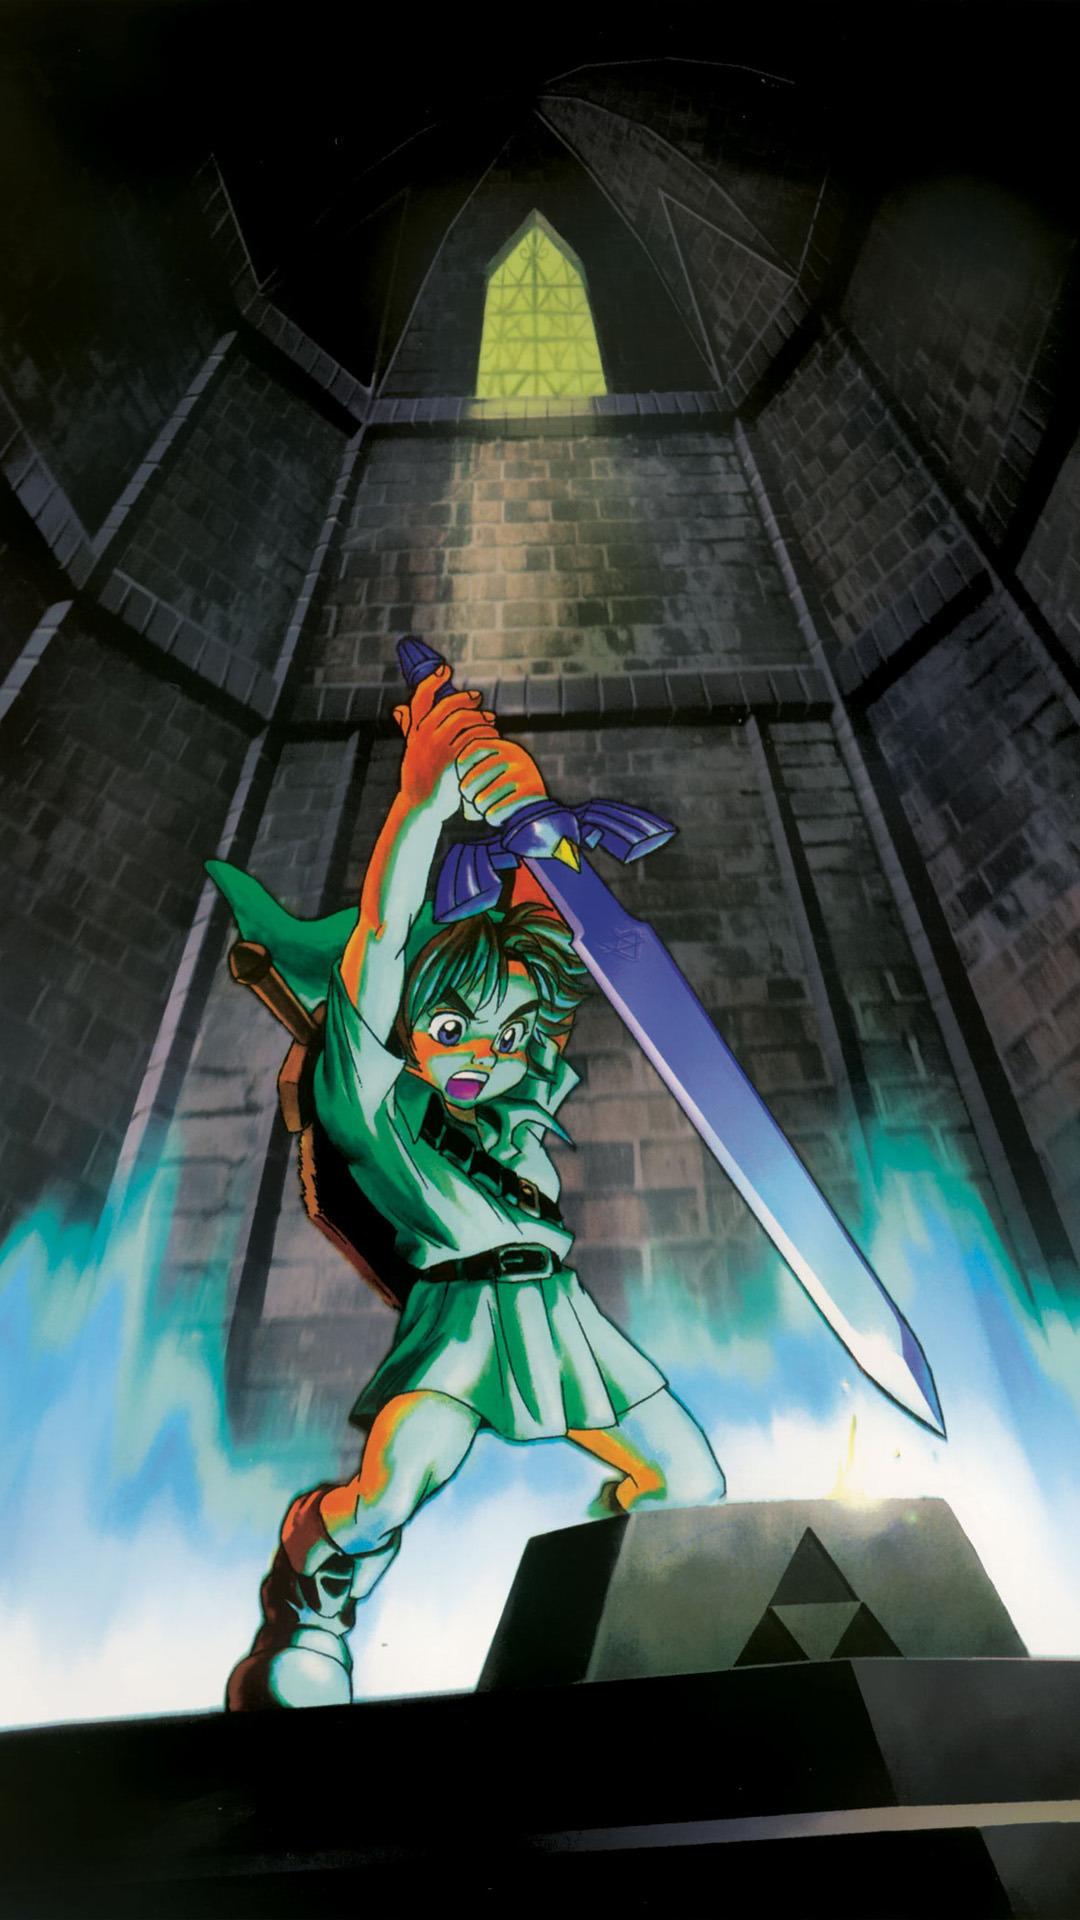 Wallpaper iphone zelda - Legend Of Zelda Ocarina Of Time Mobile Phone Wallpapers